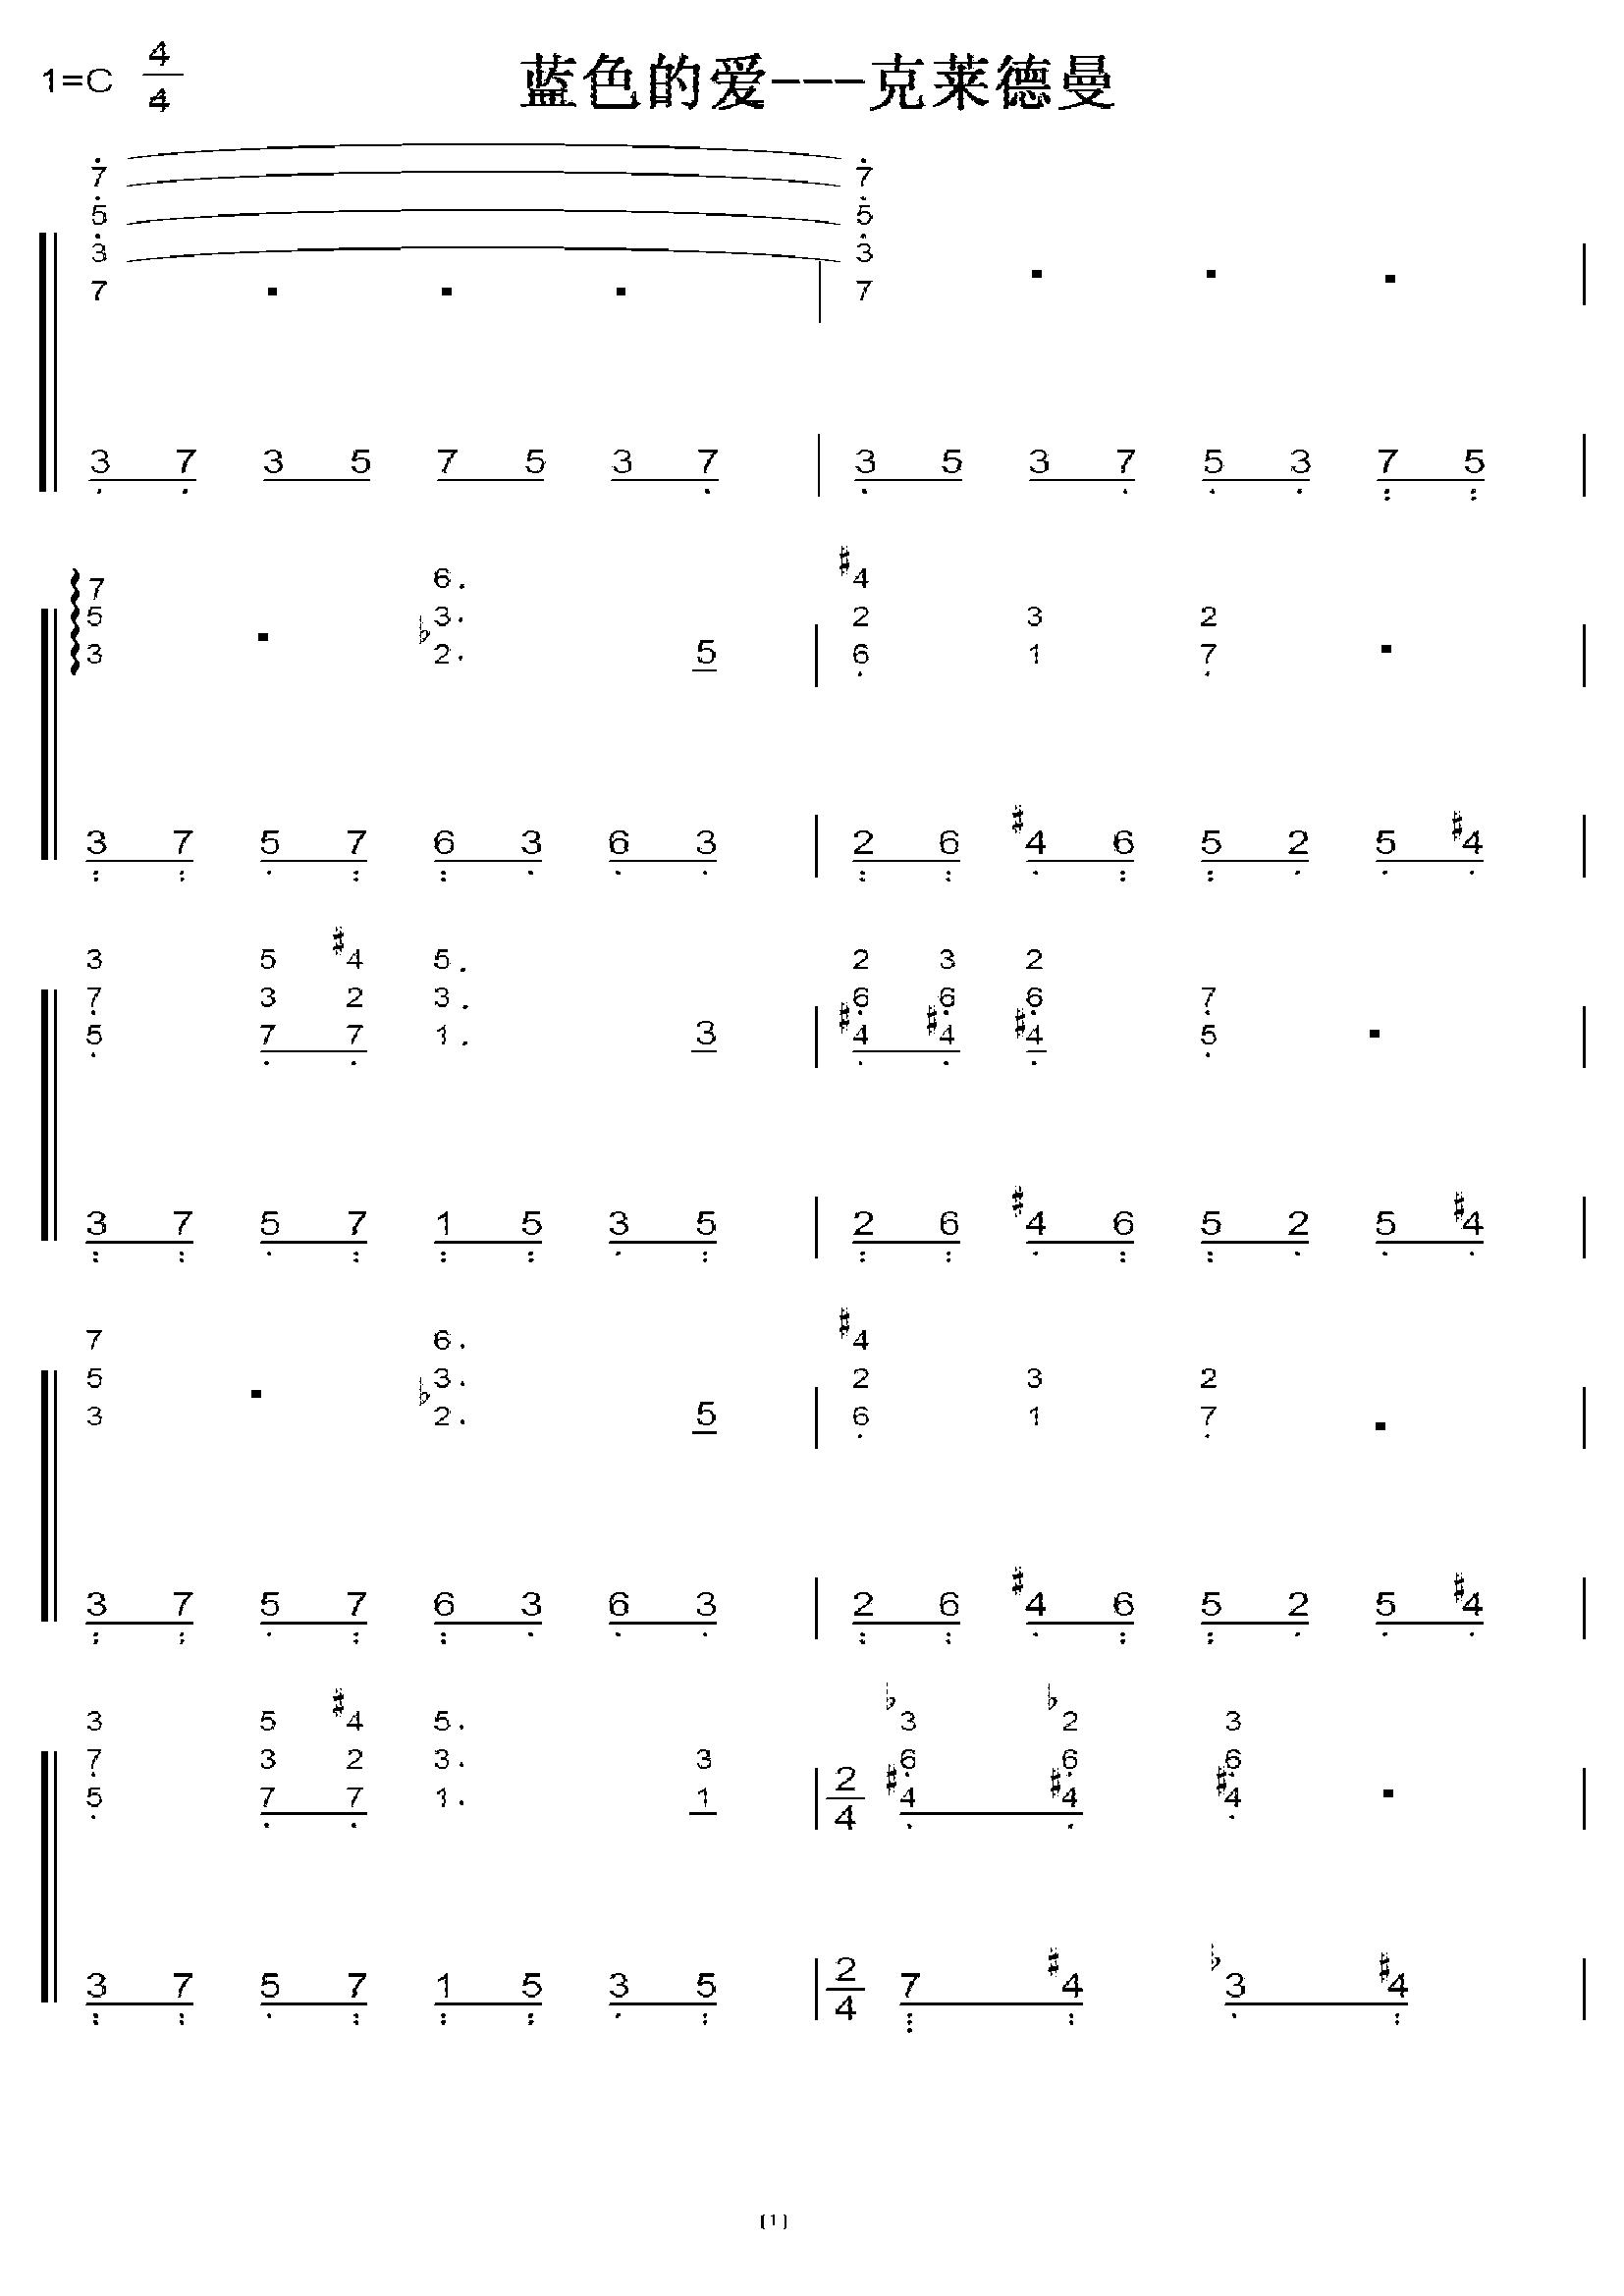 克莱德曼 初学者c调简易版 钢琴双手简谱 钢琴简谱 钢琴谱图片